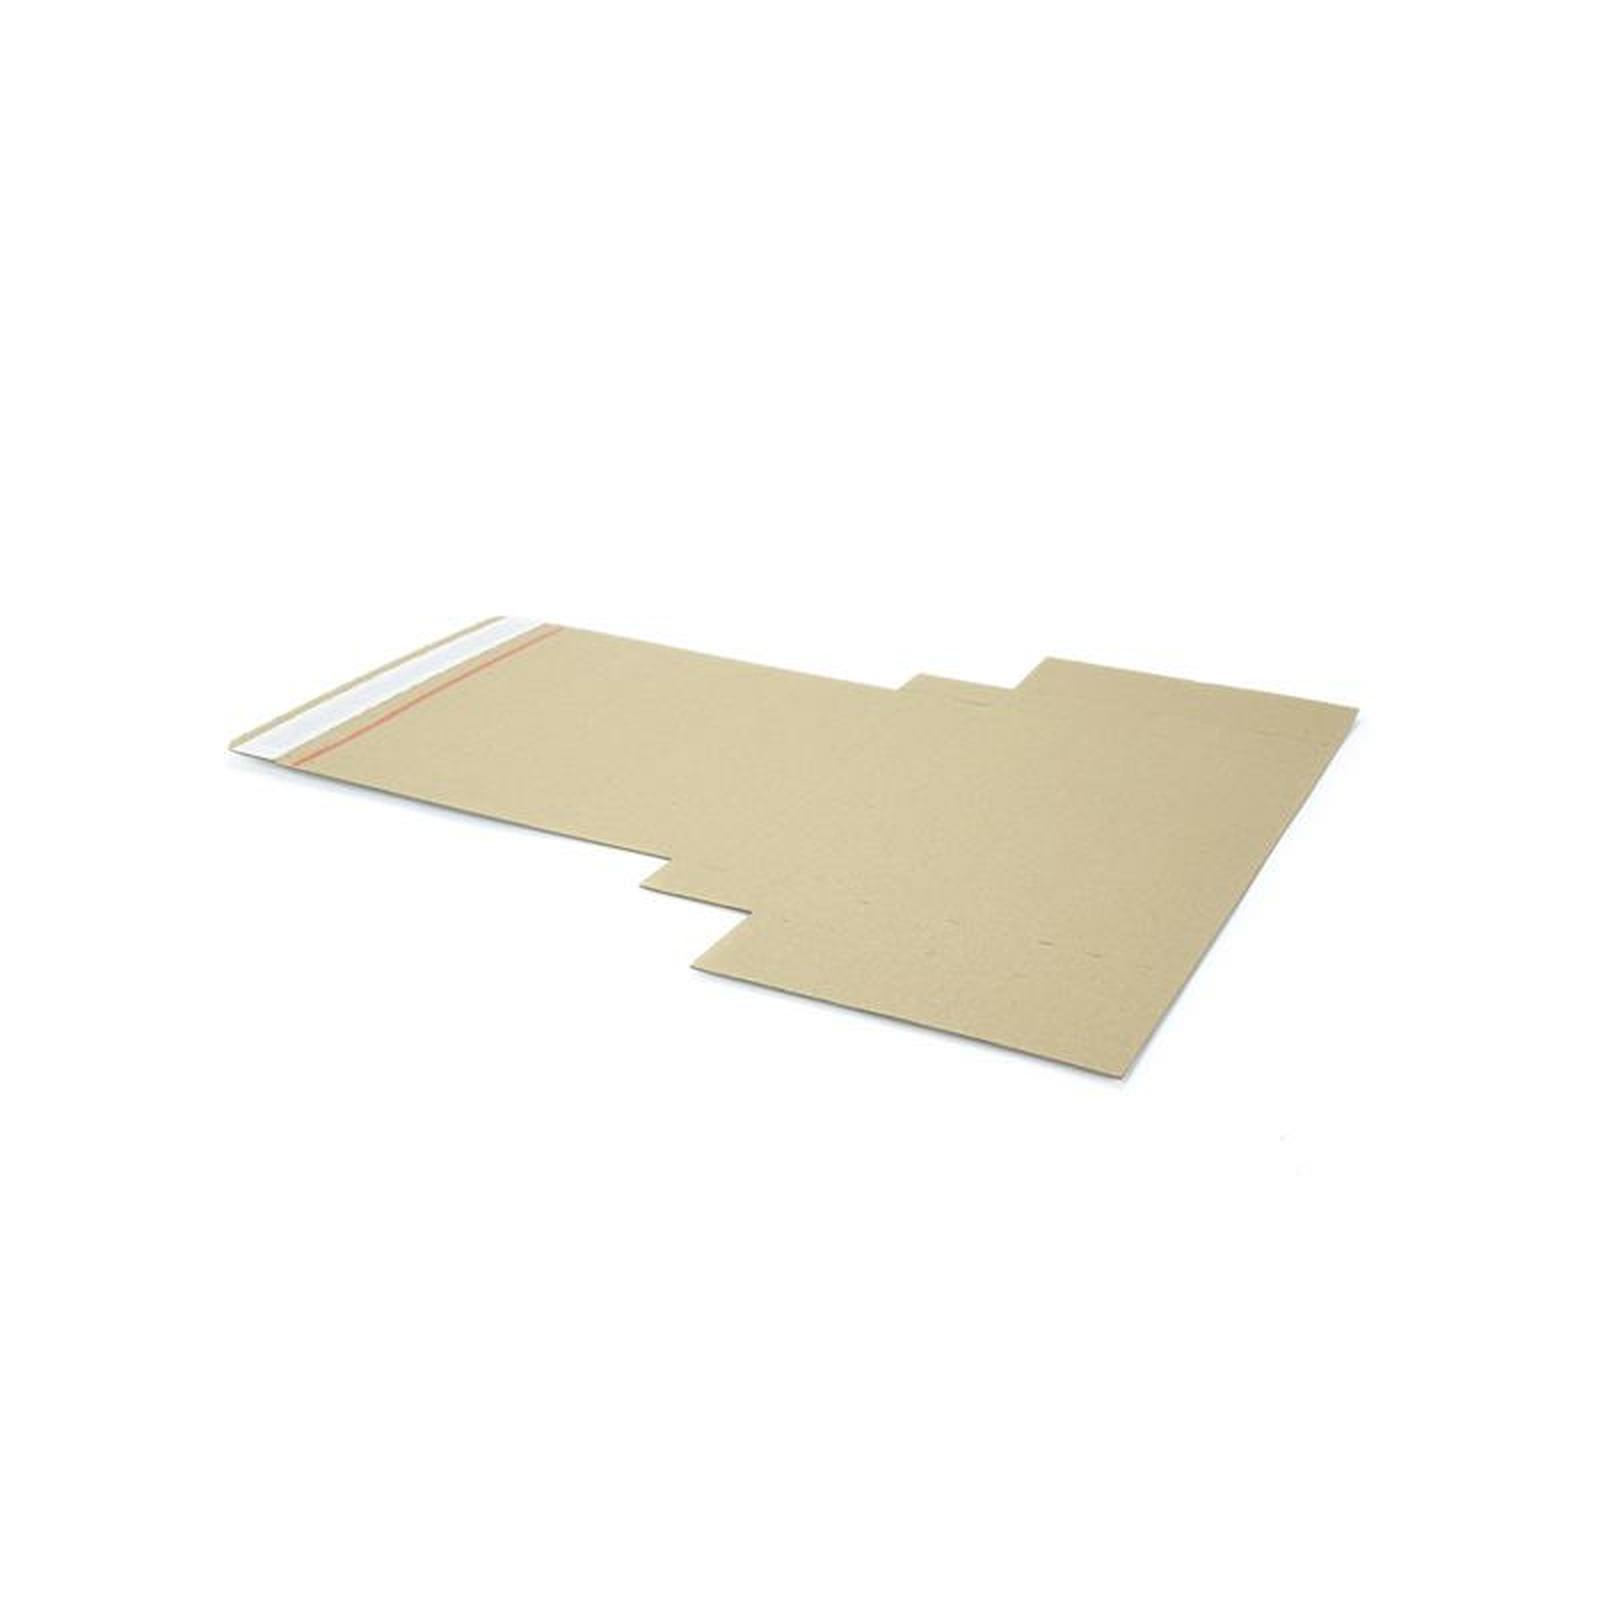 250x175x30 mm maxibrief karton wei g nstig kaufen 0 30. Black Bedroom Furniture Sets. Home Design Ideas